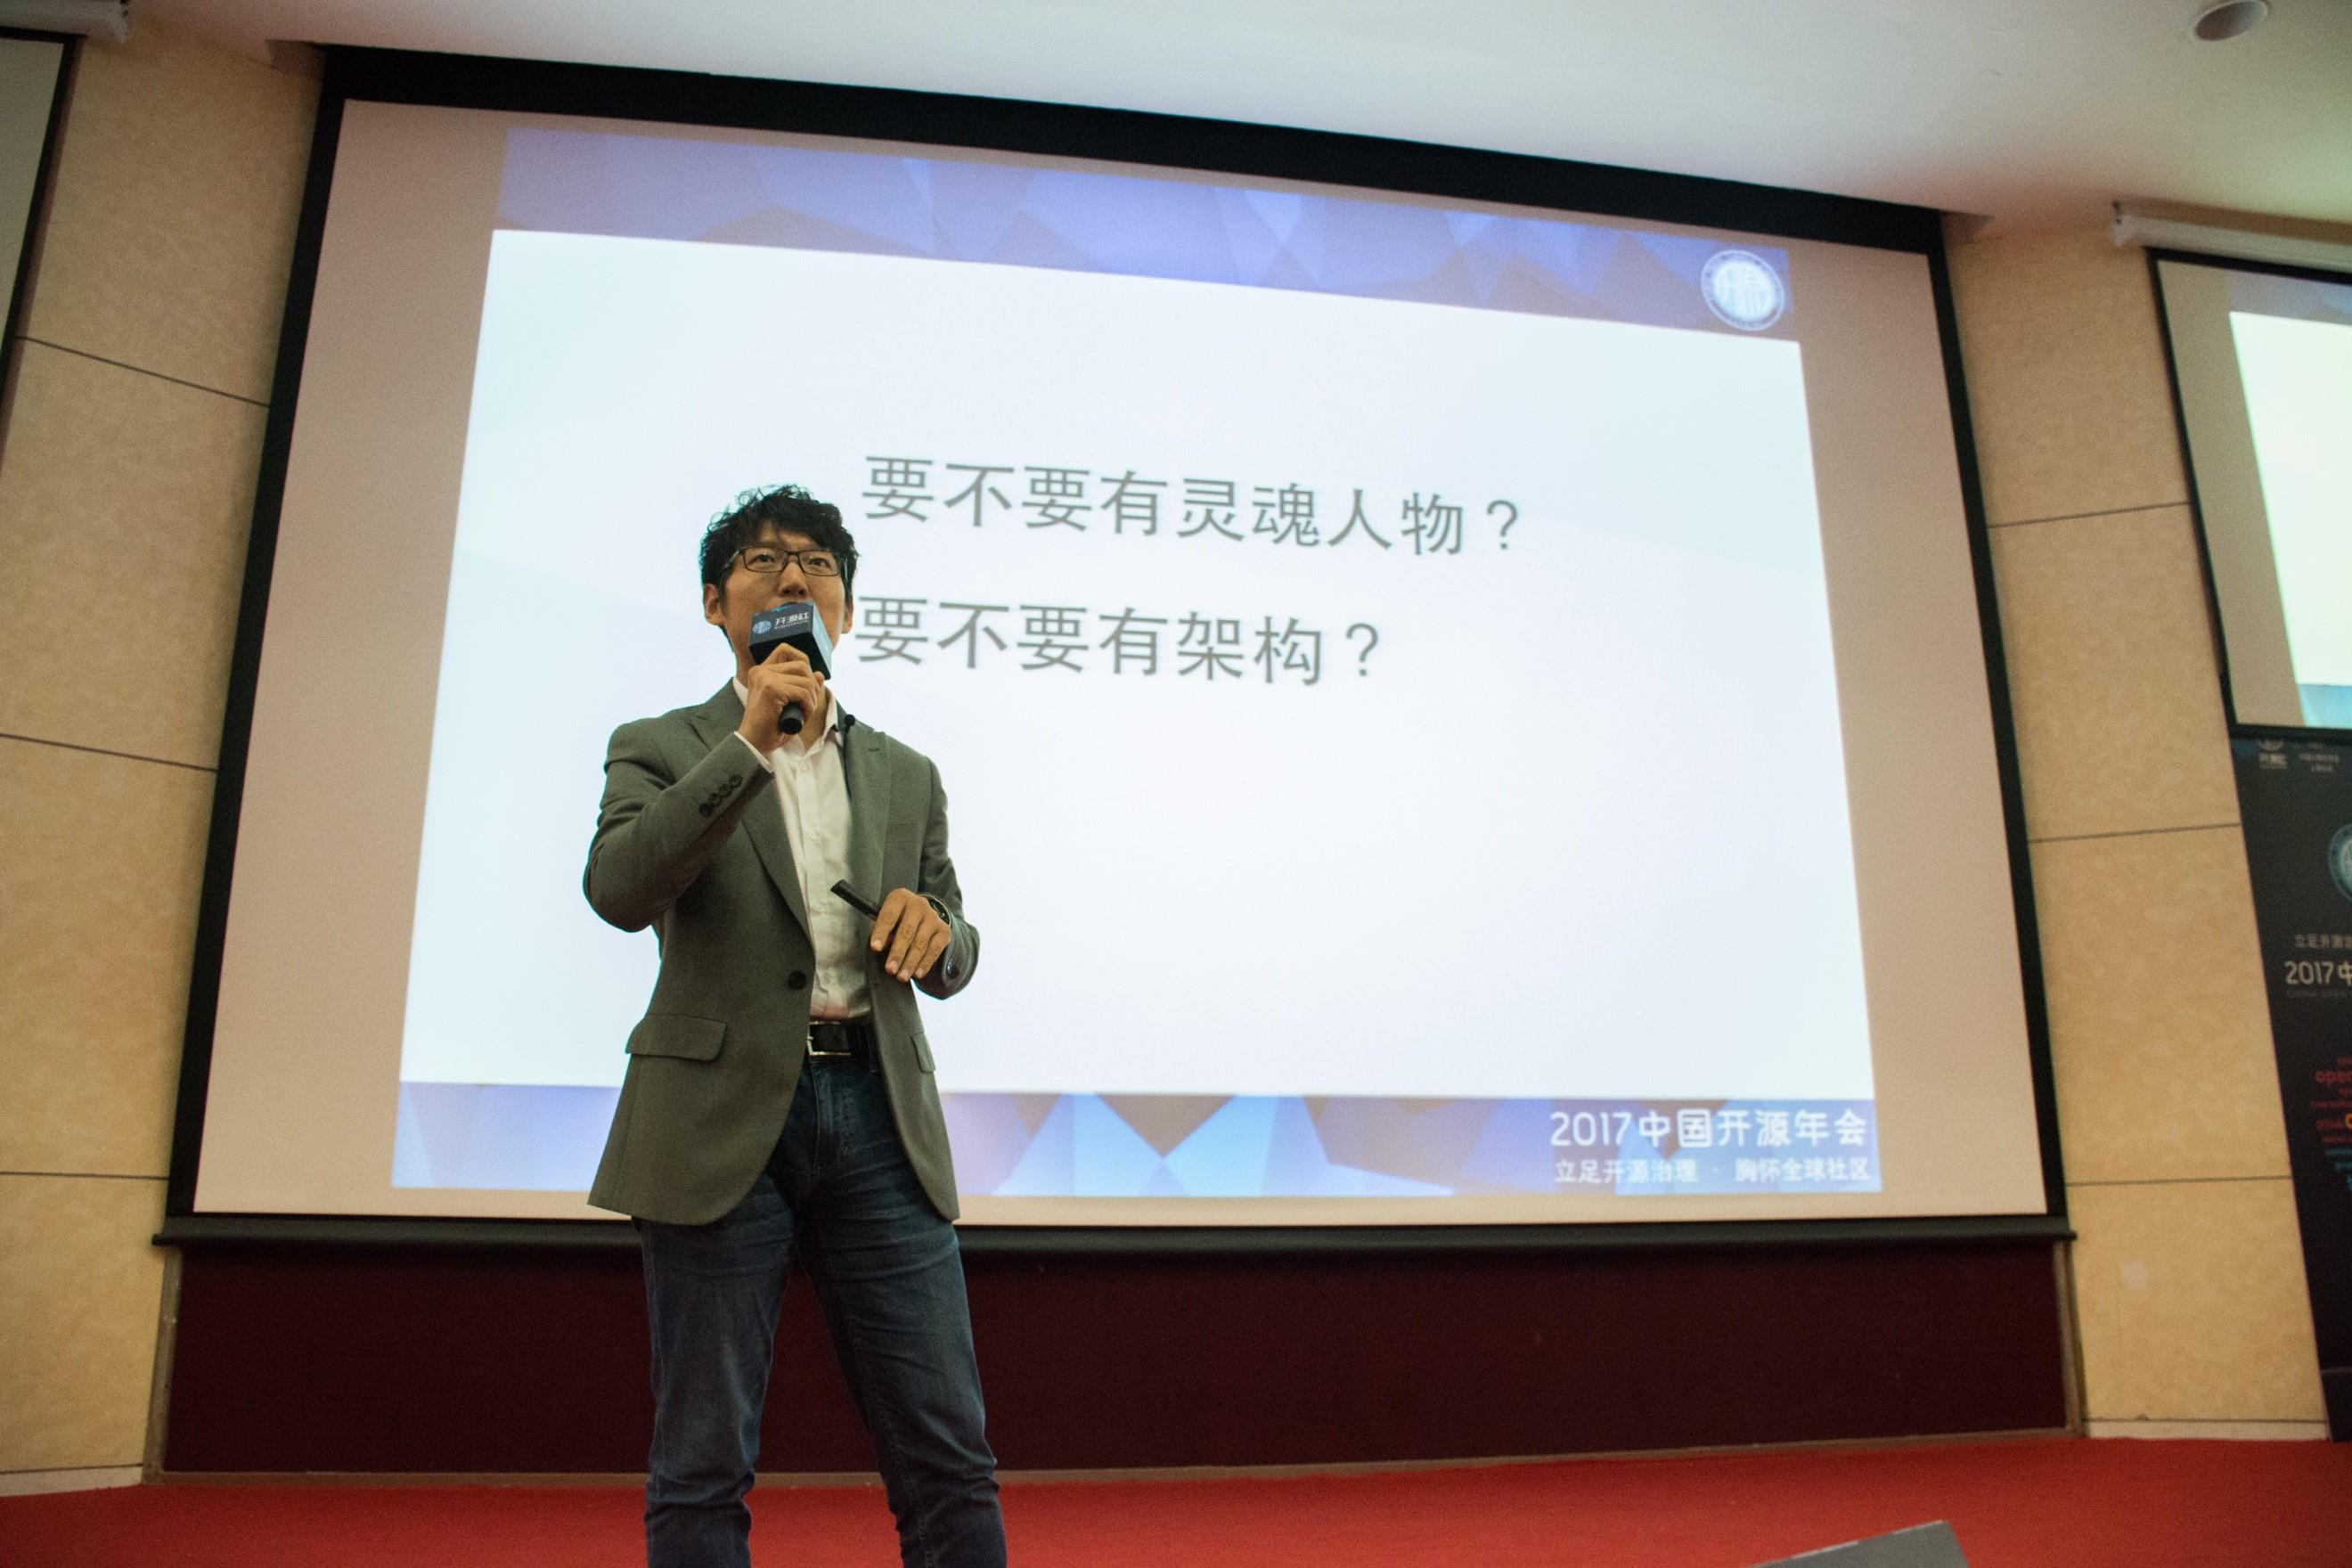 2017中国开源年会在沪举行,极客邦科技分享十年社区运营心得